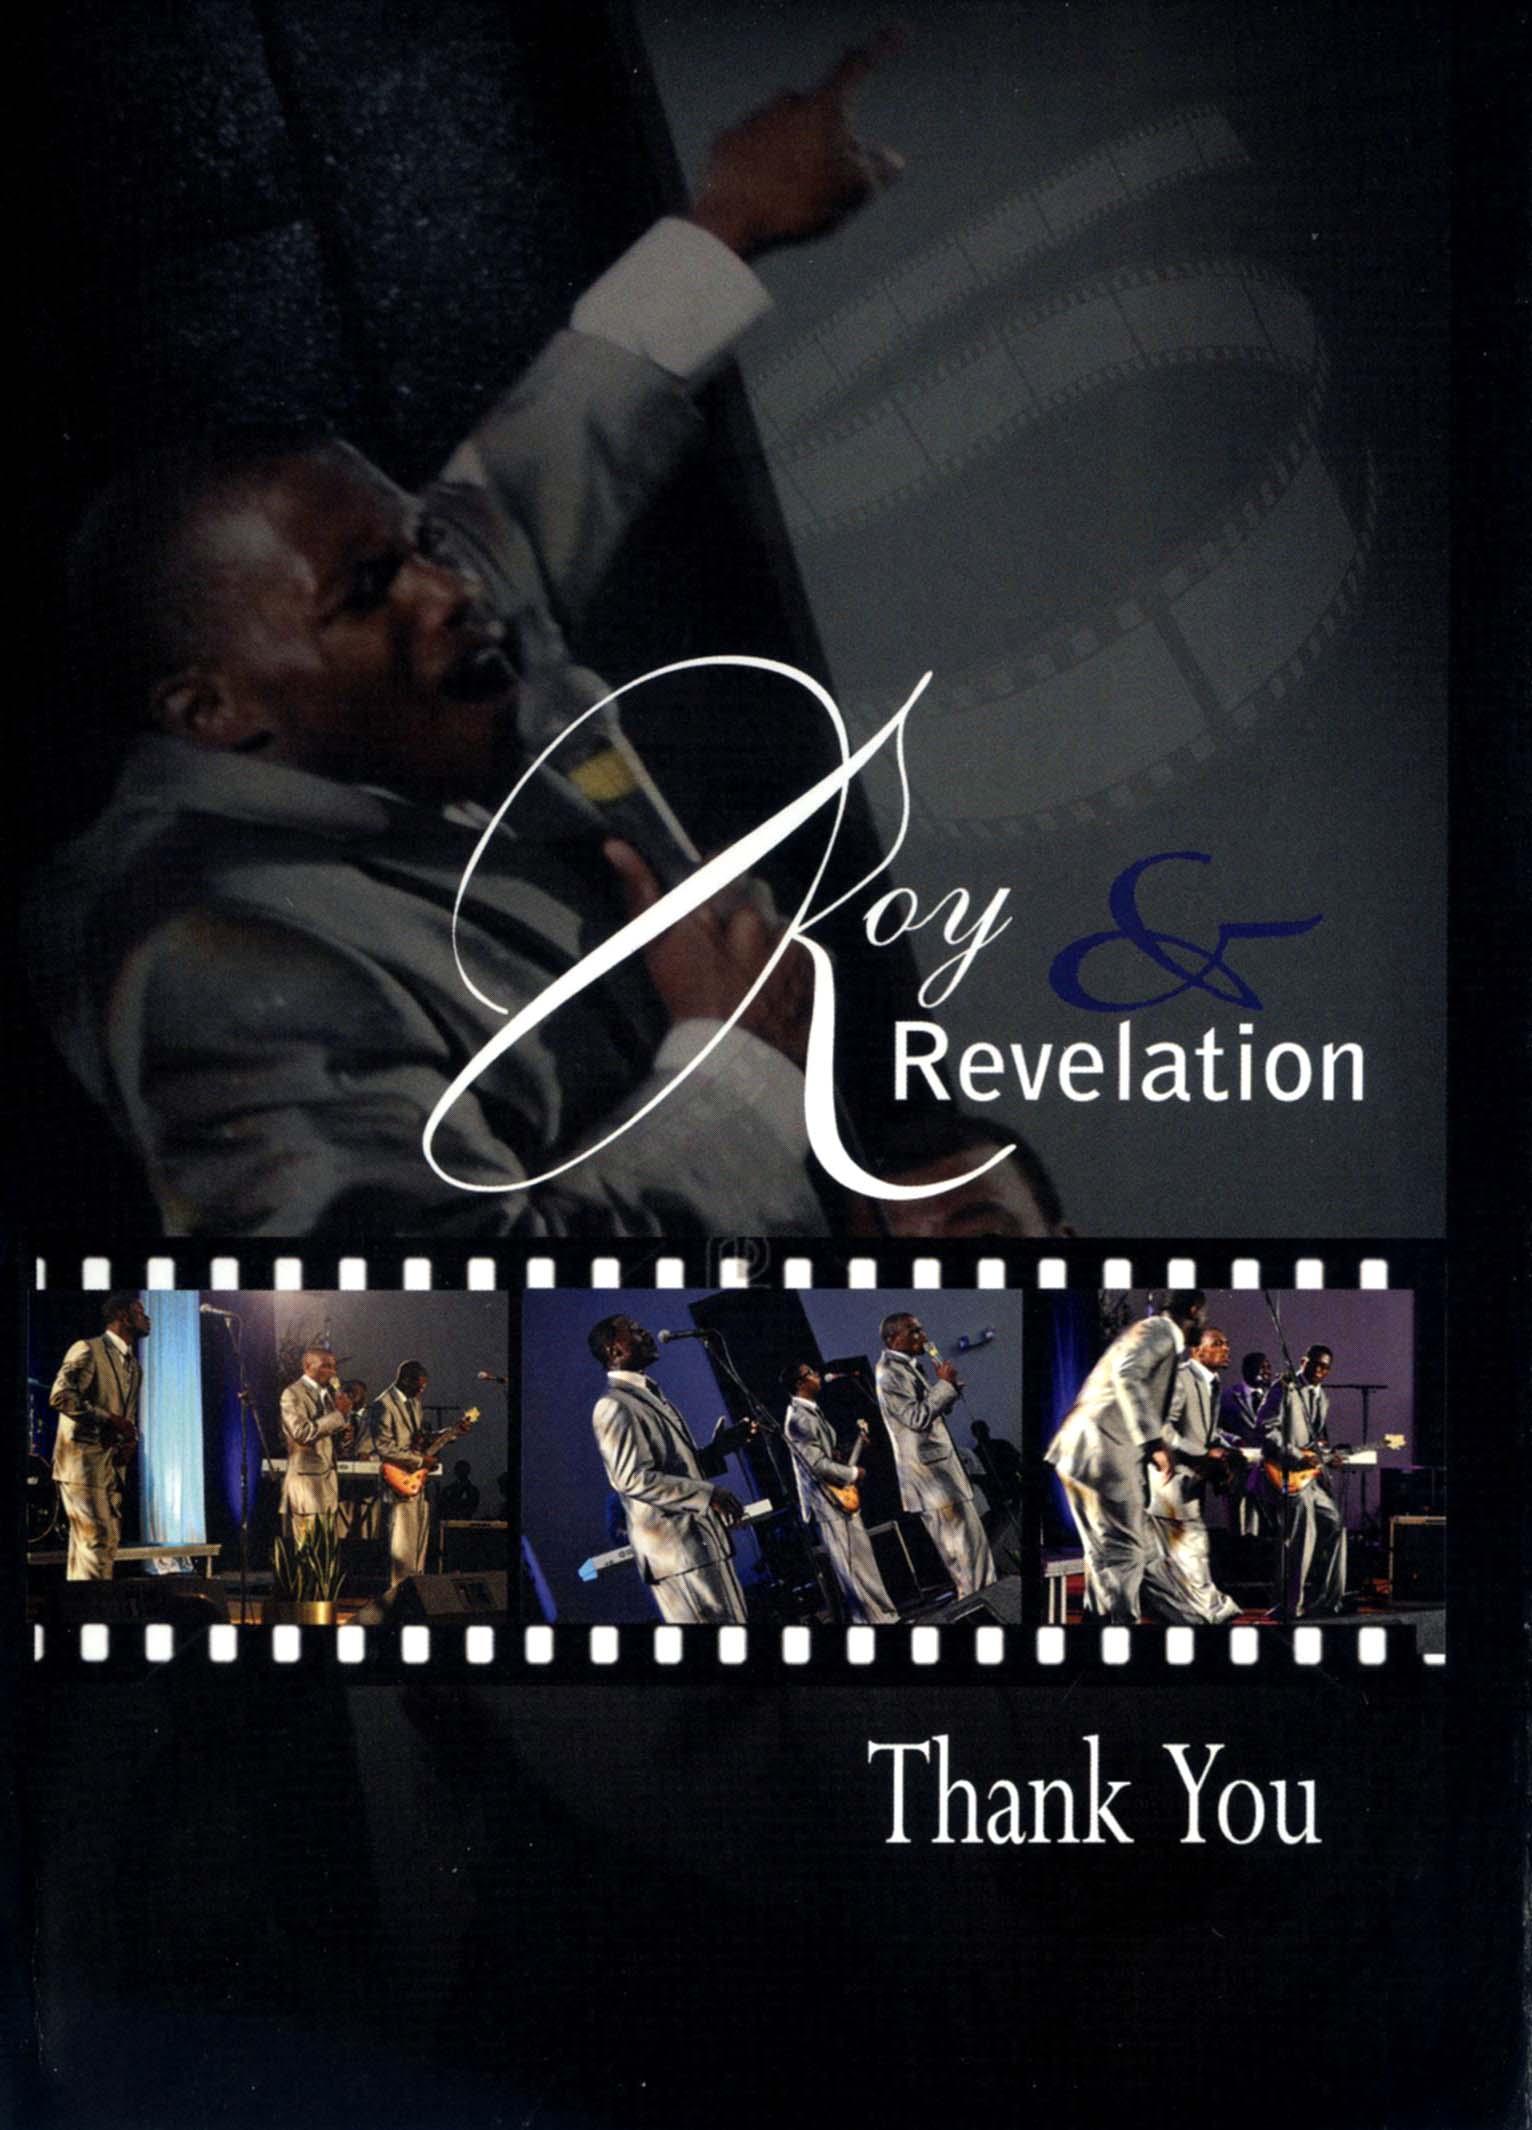 Roy & Revelation: Thank You